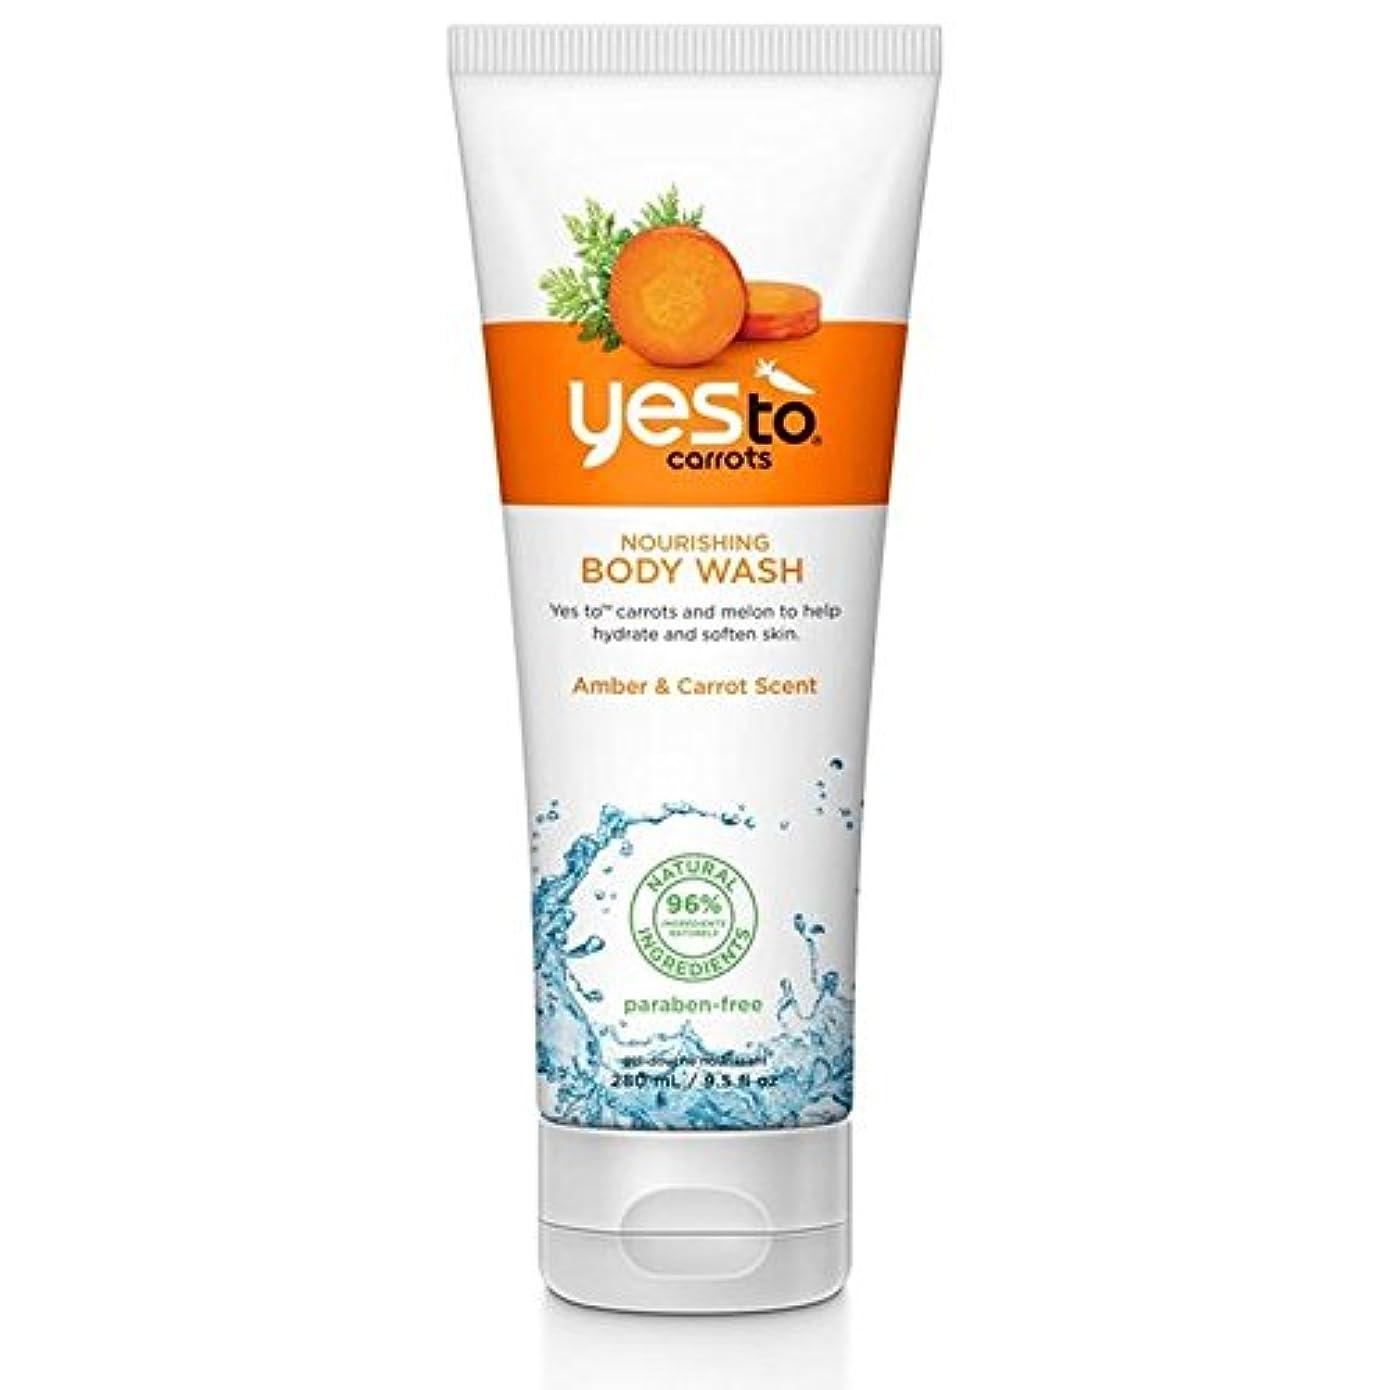 うっかり相対的上記の頭と肩Yes To Carrots Nourishing Body Wash 280ml - はいボディウォッシュ280ミリリットル栄養ニンジンへ [並行輸入品]